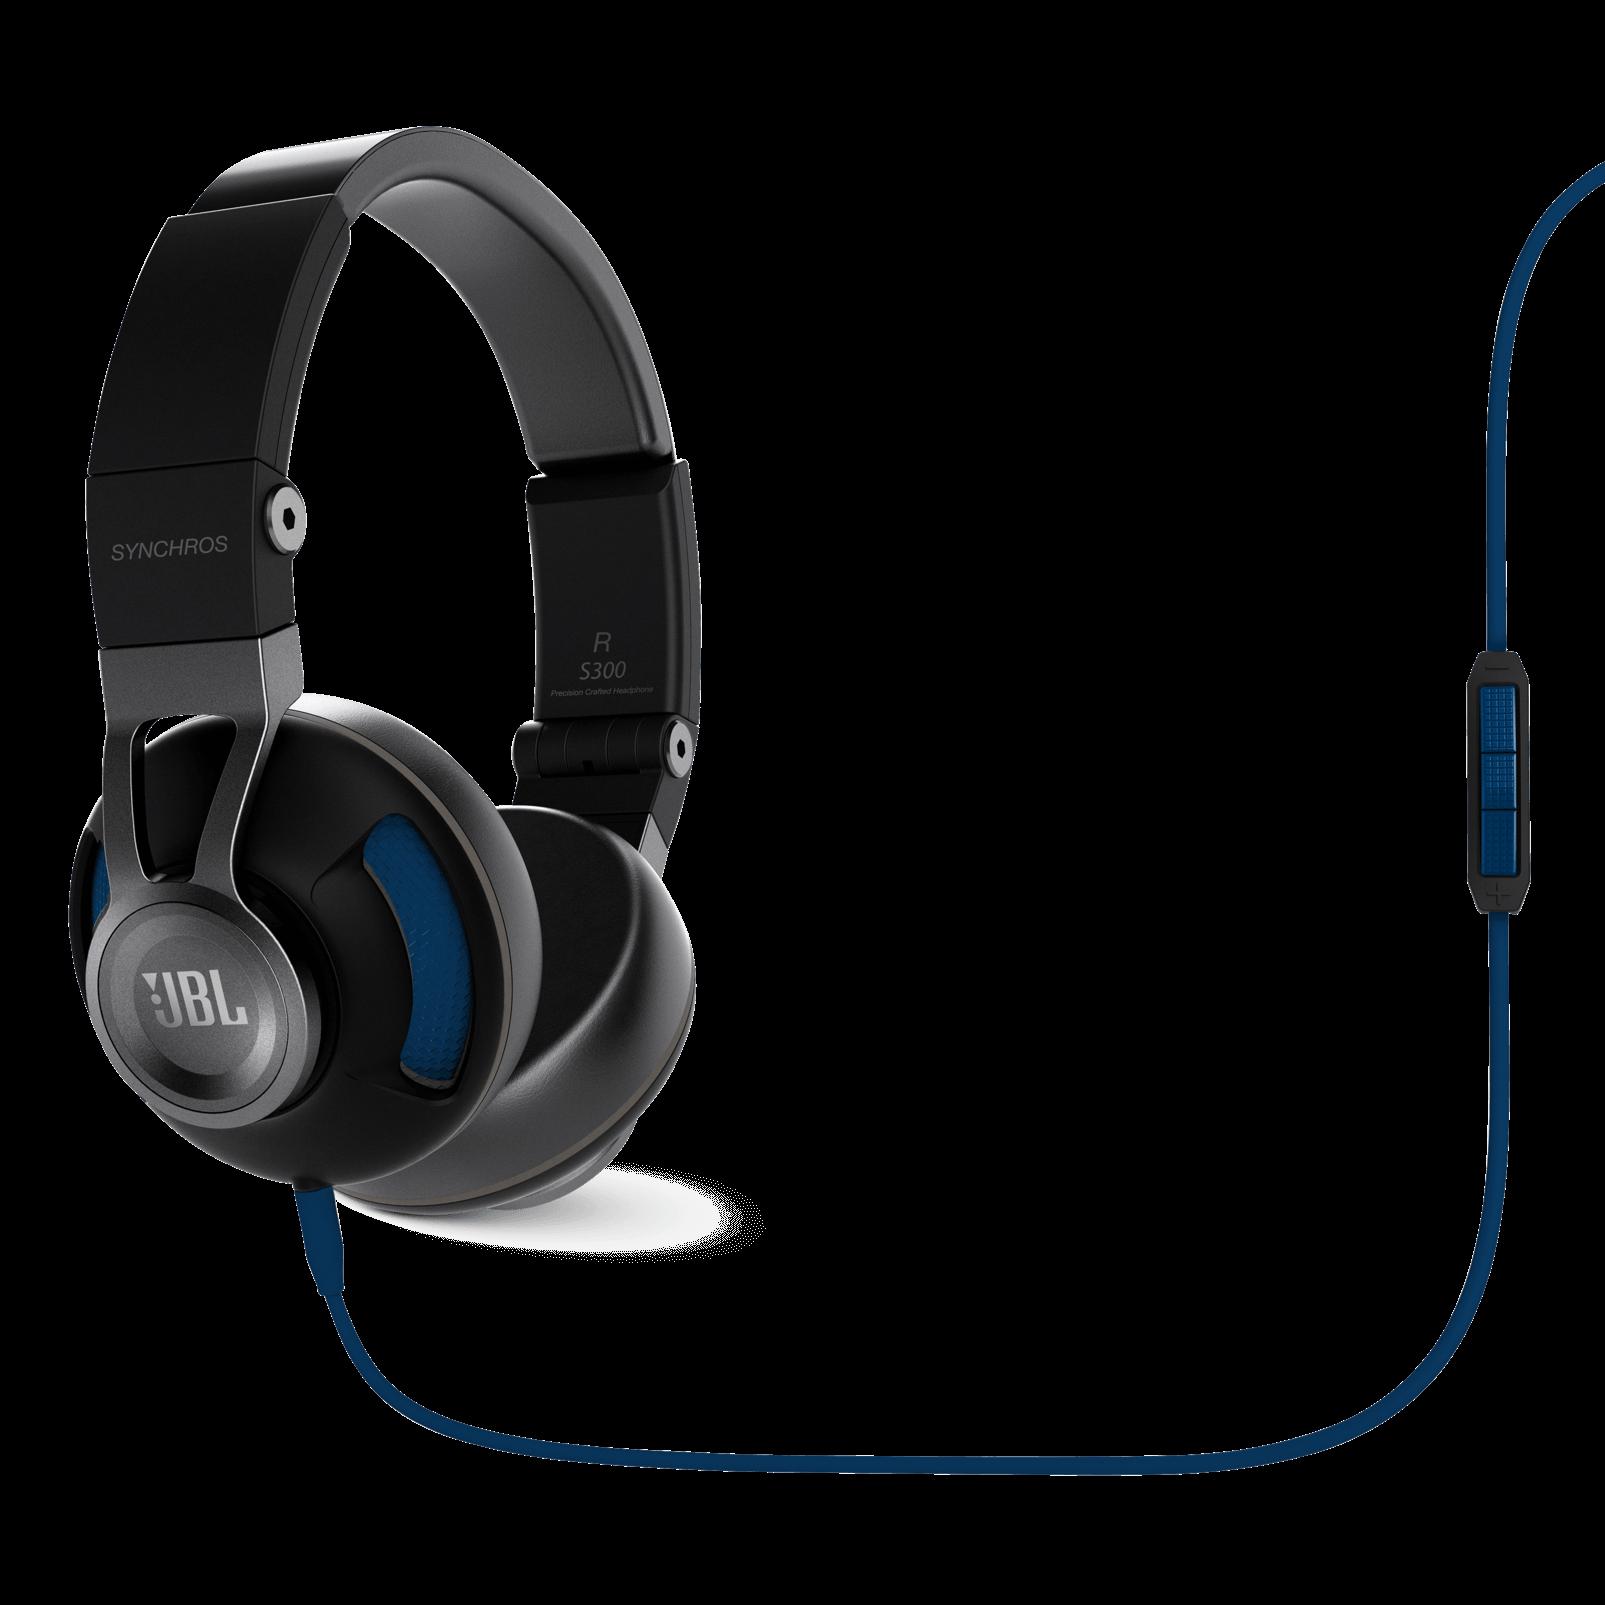 JBL Synchros S300 A Premium On-Ear Stereo Headphones